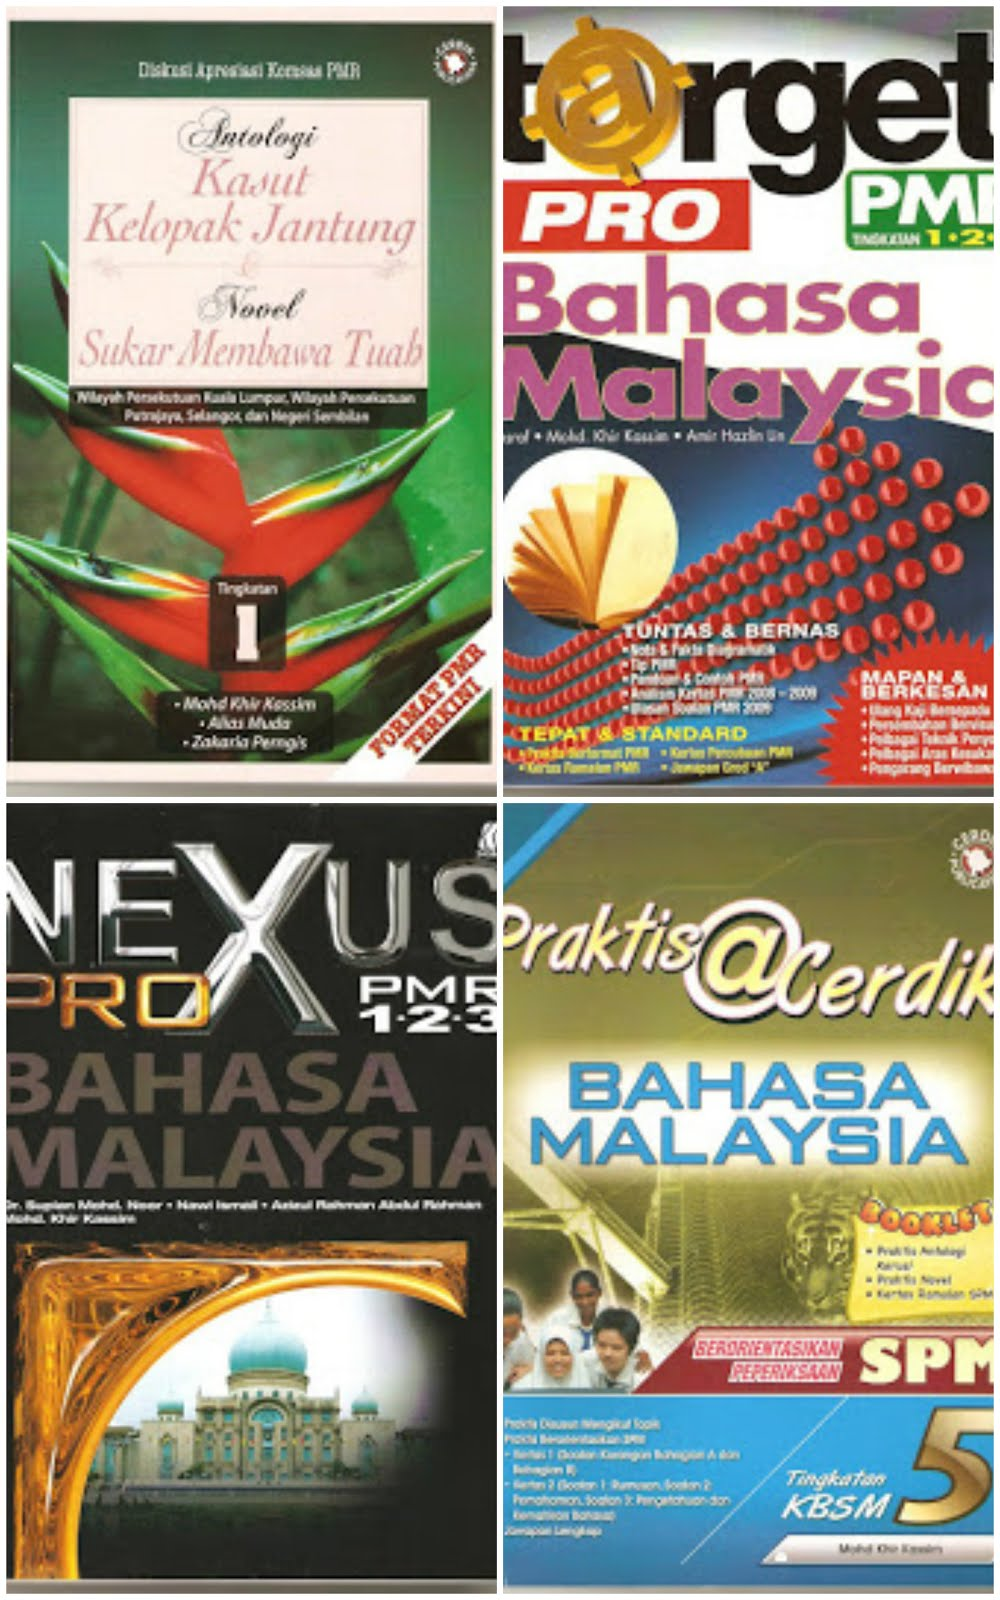 Buku Ulasan Antologi Kasut Kelopak Jantung 2010/Buku Target Pro BM PMR Terbaharu 2010